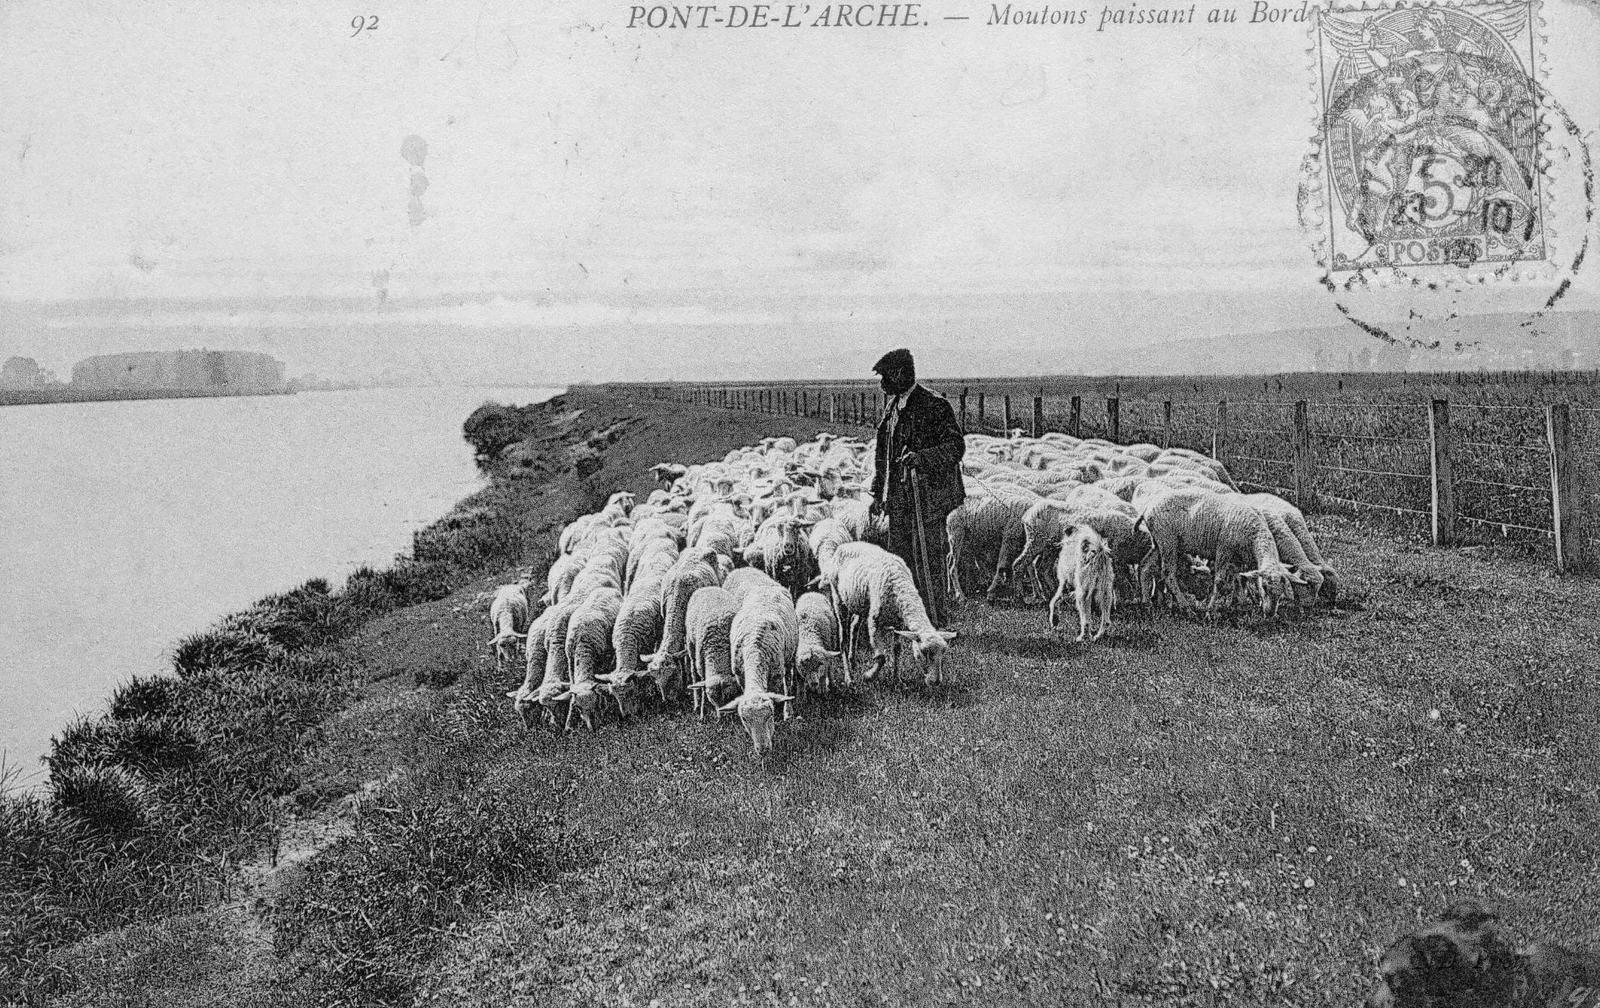 Carte postale des années 1910 située du côté du port au Chanvre, voire de la Maison rouge. L'espace a, semble-t-il, été déserté par les hommes, hormis quelques paisibles passages comme ici un pâtre, son chien (en bas à droite) et son troupeau.